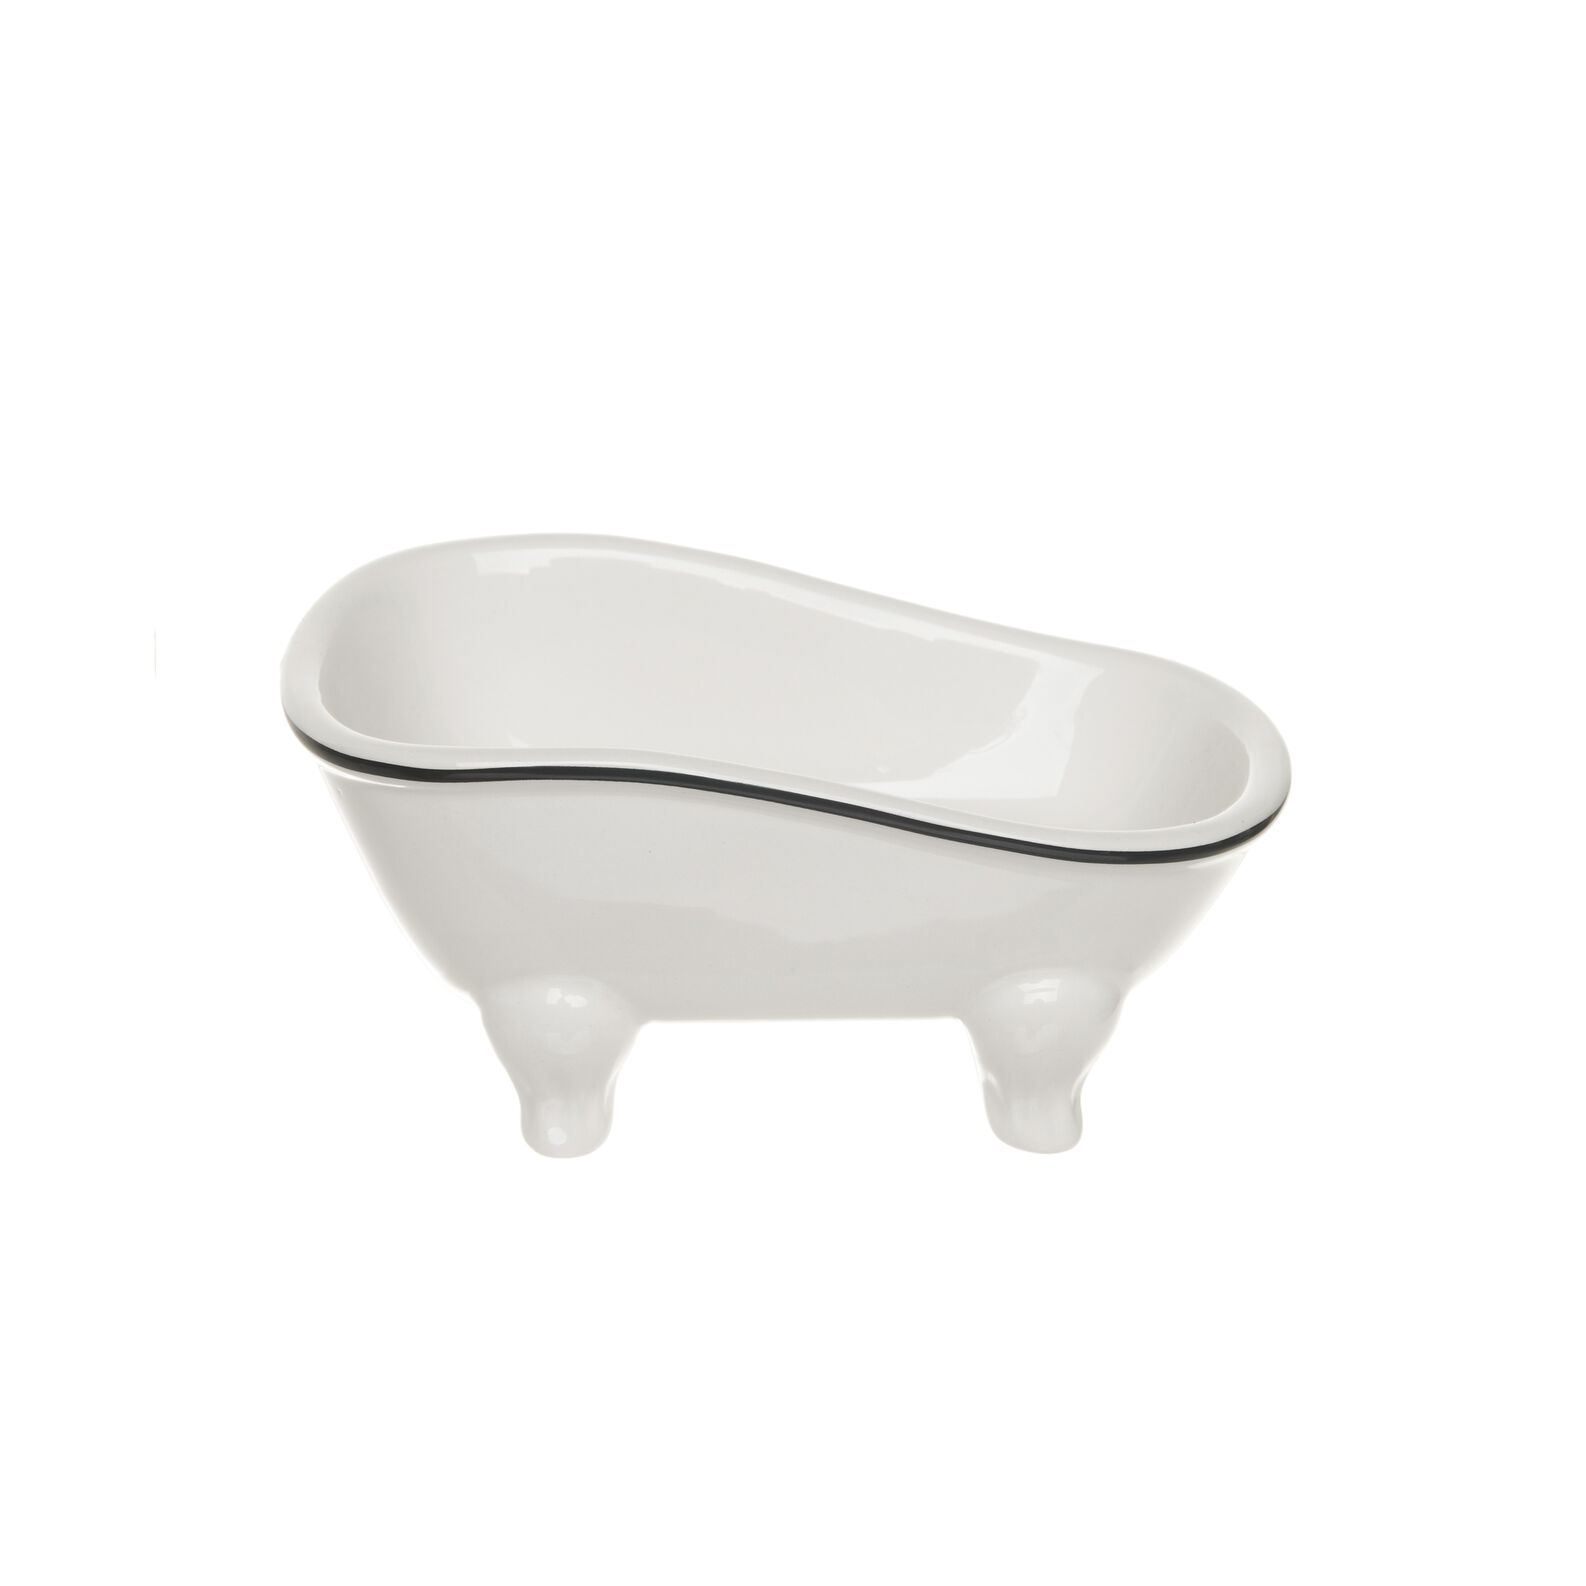 Les Bains ceramic soap dish